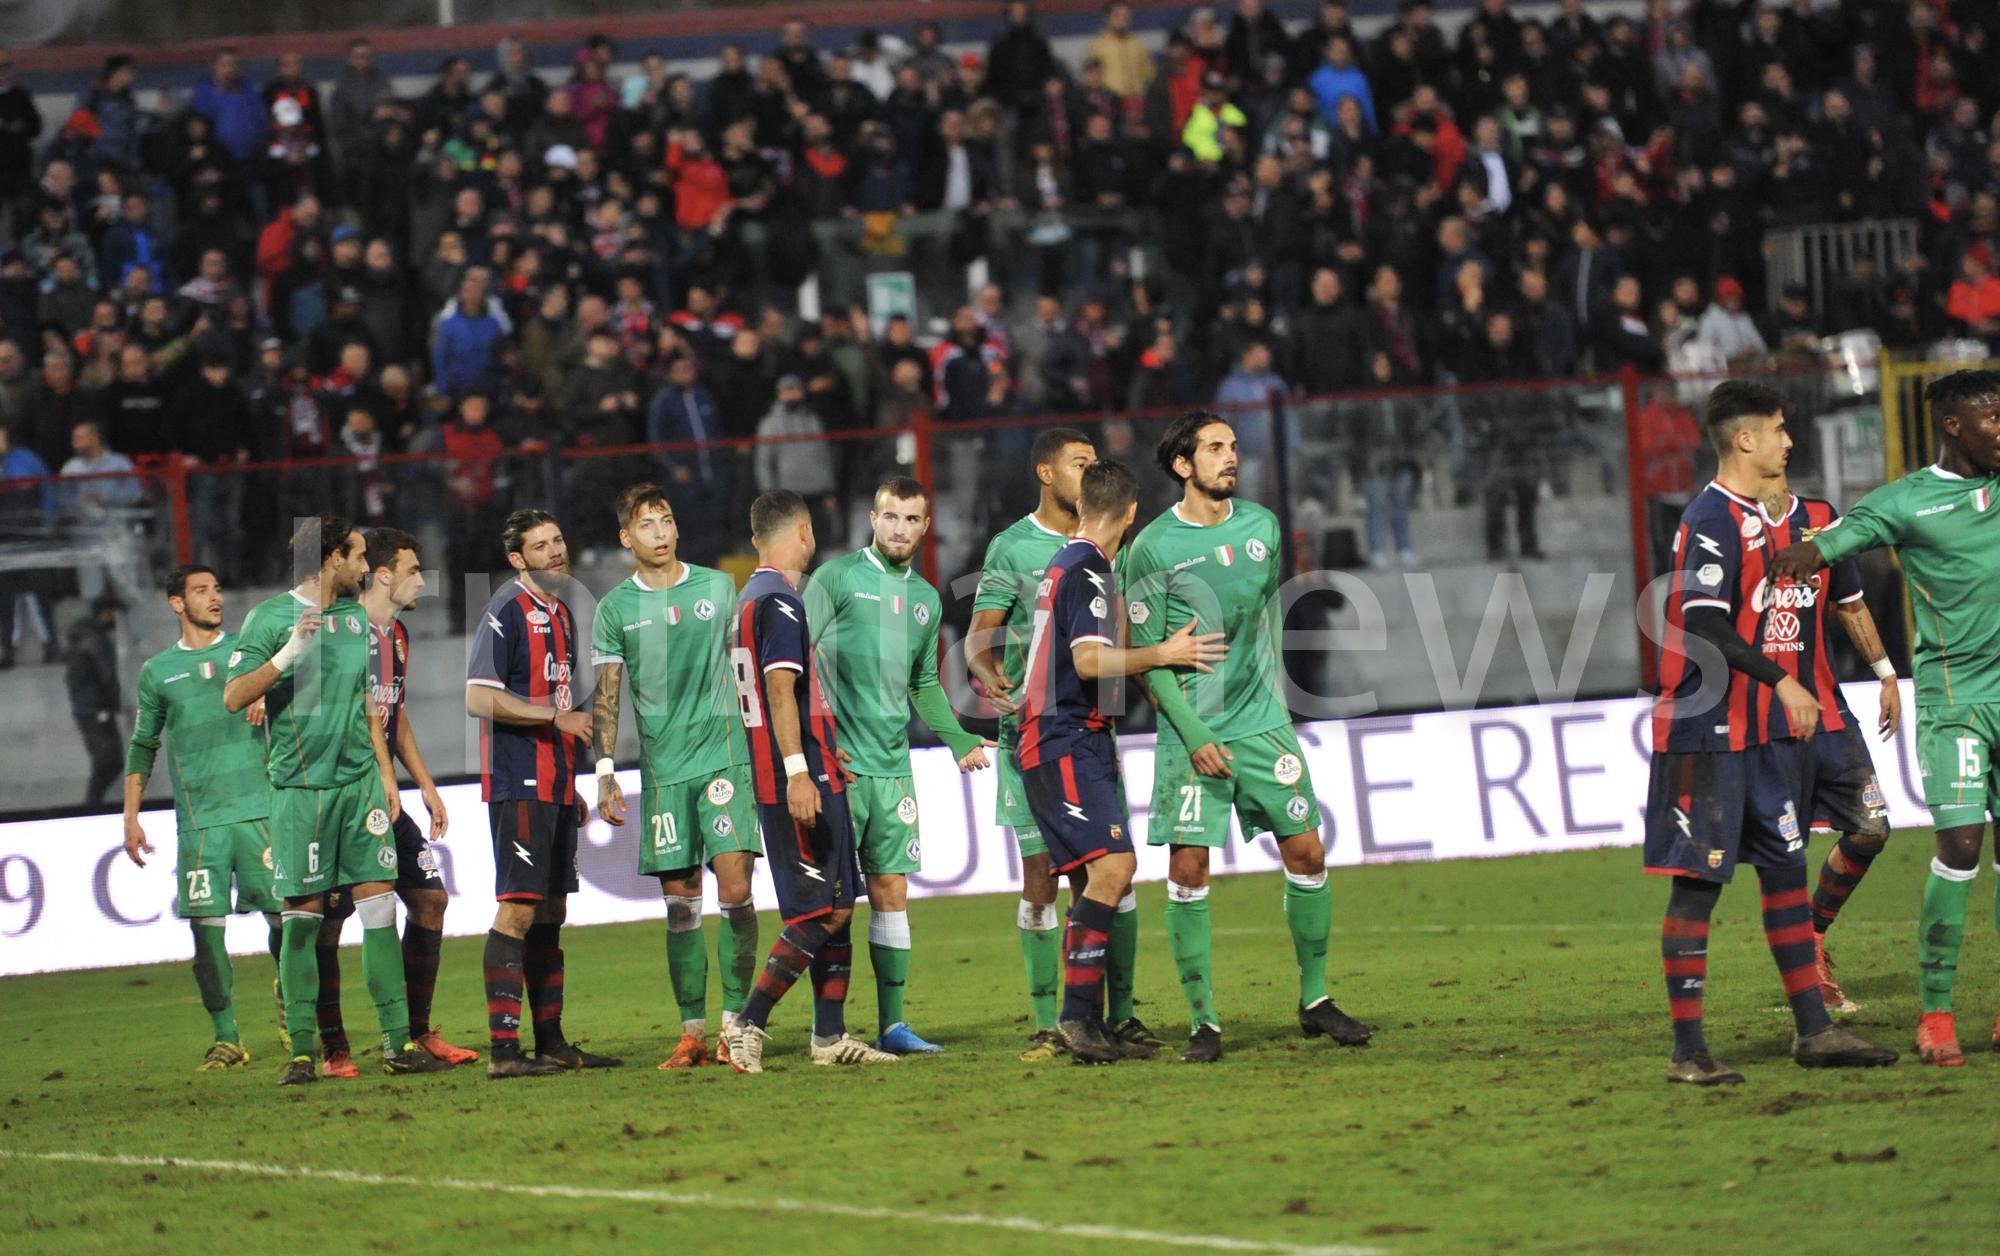 Società e Rieti: è una settimana-trappola per l'Avellino post derby - Irpinia News